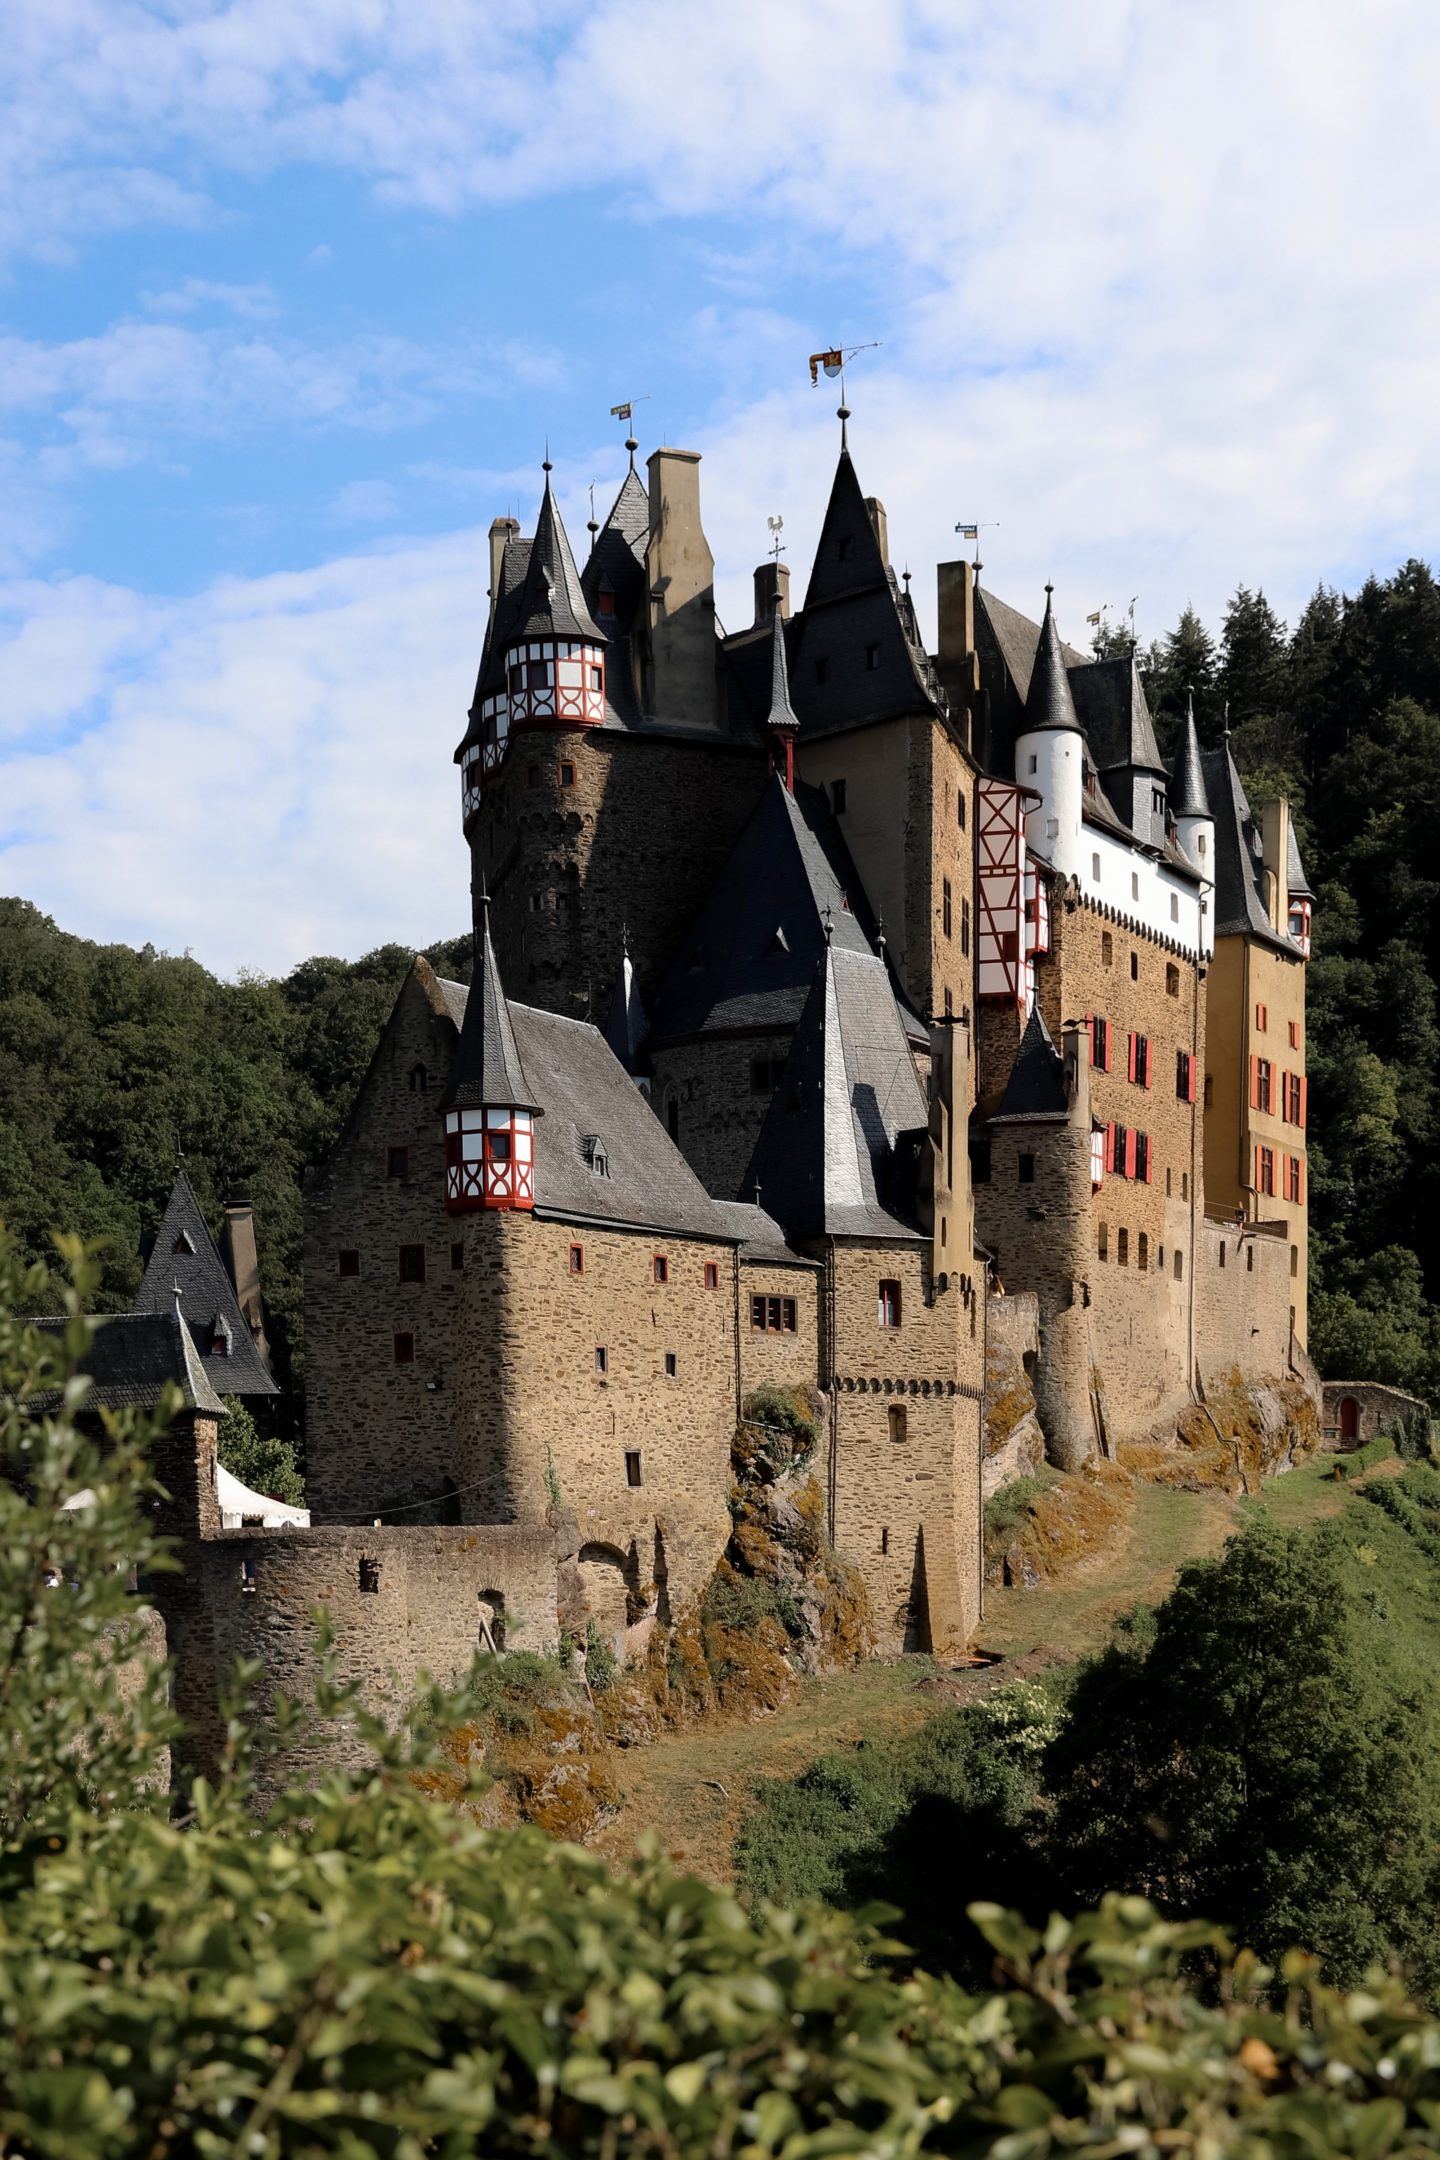 Urlaub-in-Deutschland-Miss-Suzie-Loves_Burg-Eltz